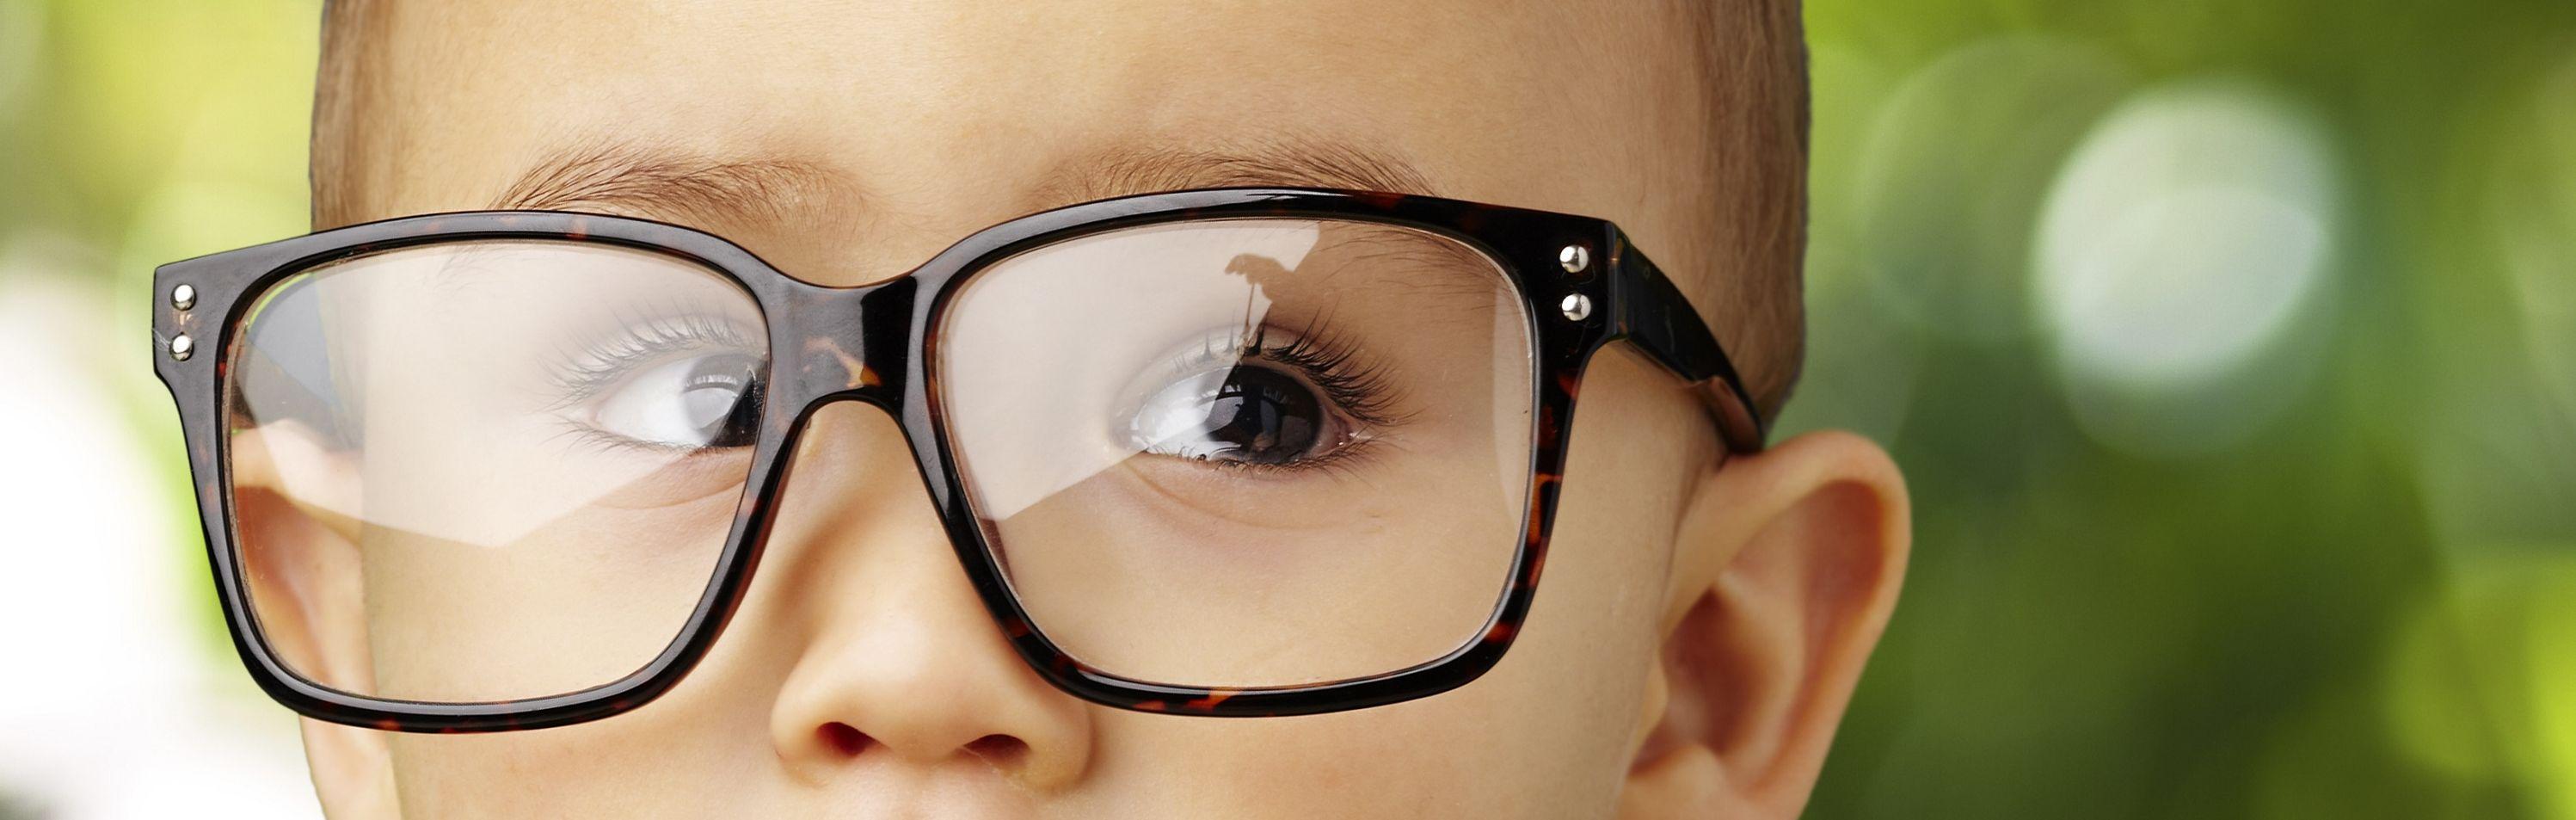 Купить мужские очки для зрения недорого в спб